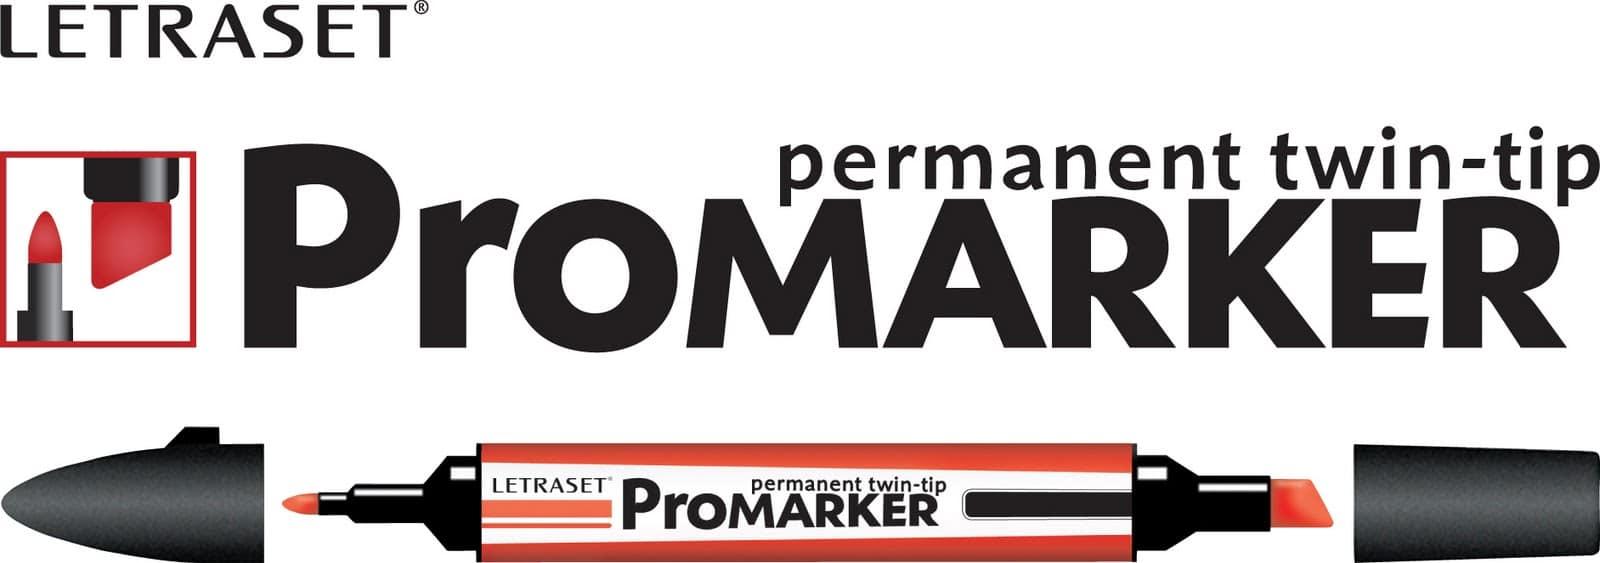 promarker_ptt_pen_logo